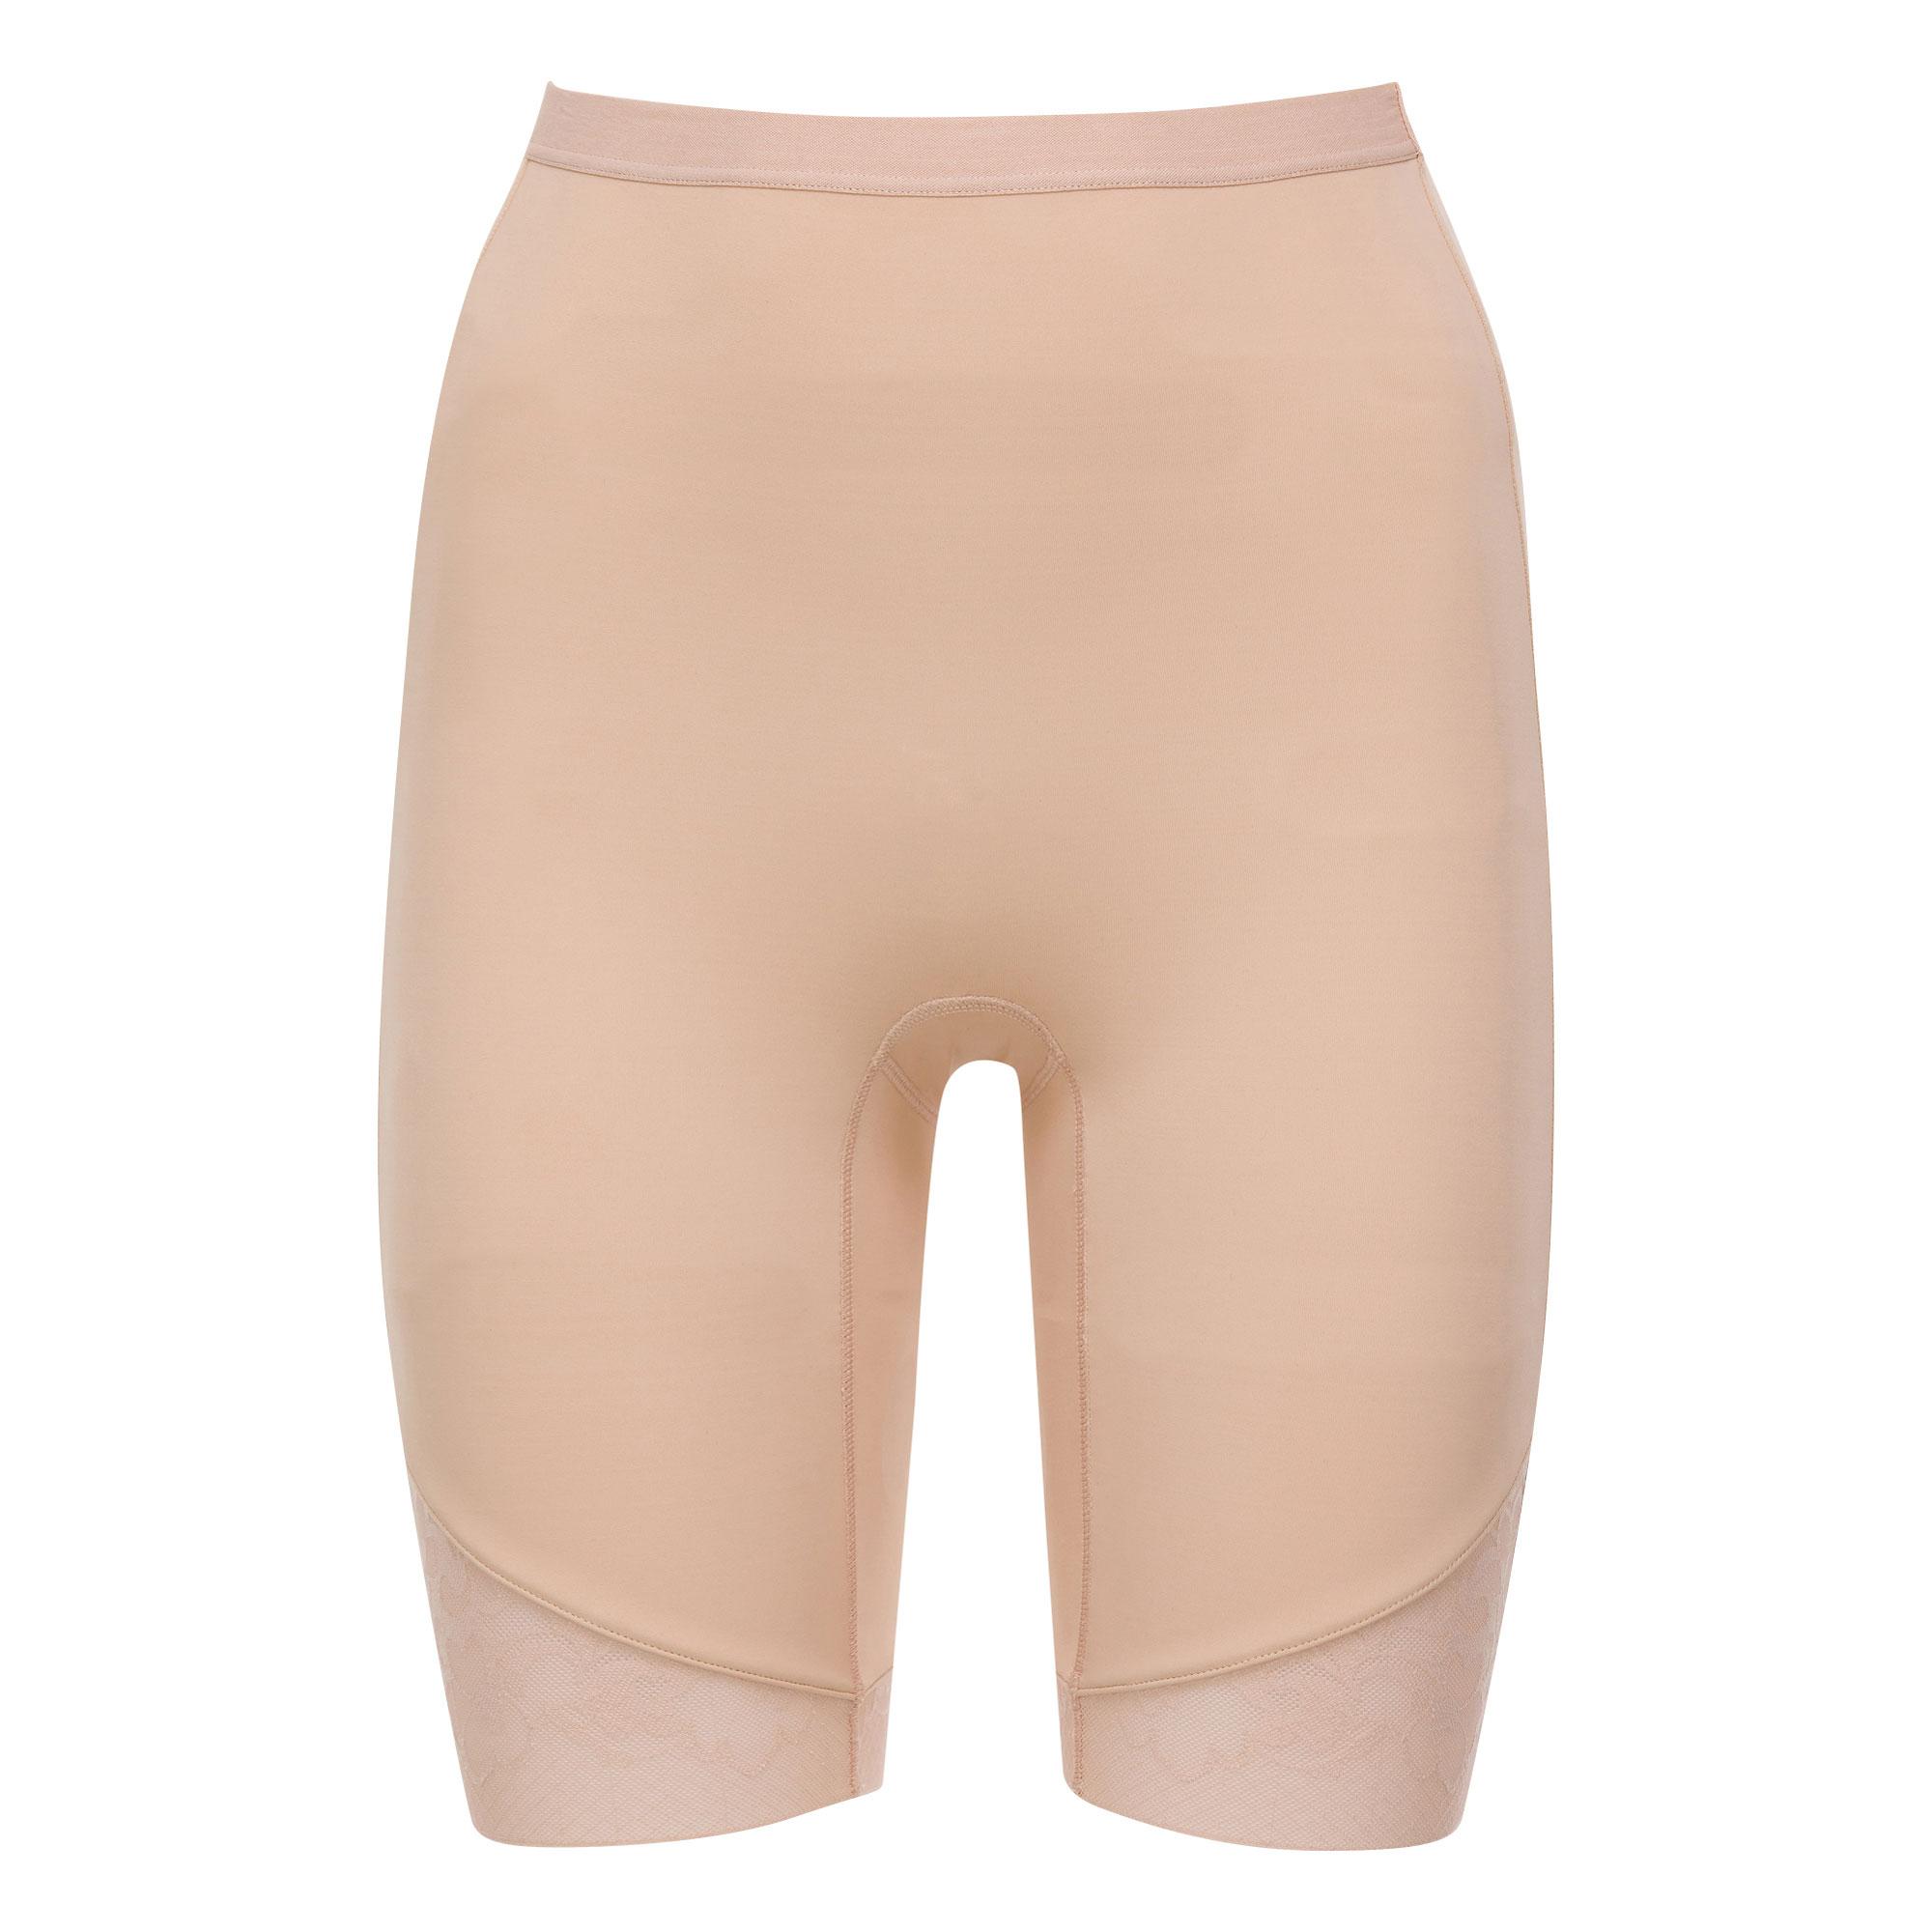 Panty beige - Expert in Silhouette, , PLAYTEX